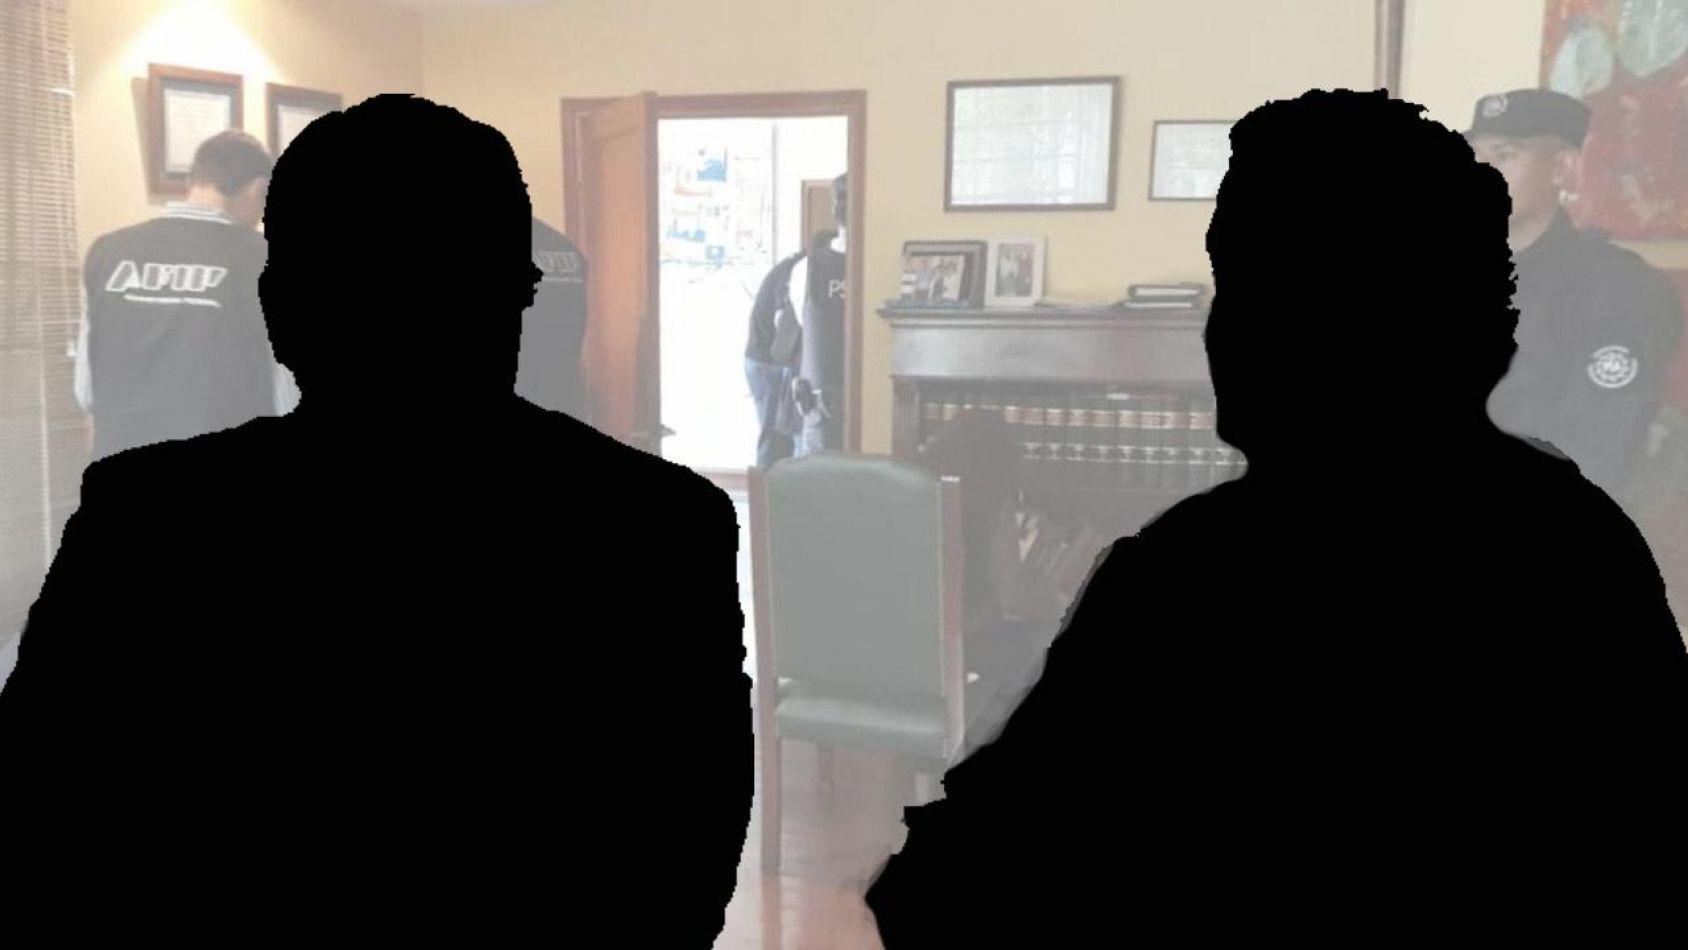 Allanamiento en la Municipalidad: ¿quiénes son 'Pablito' y 'Goma', los exfuncionarios involucrados en la causa?